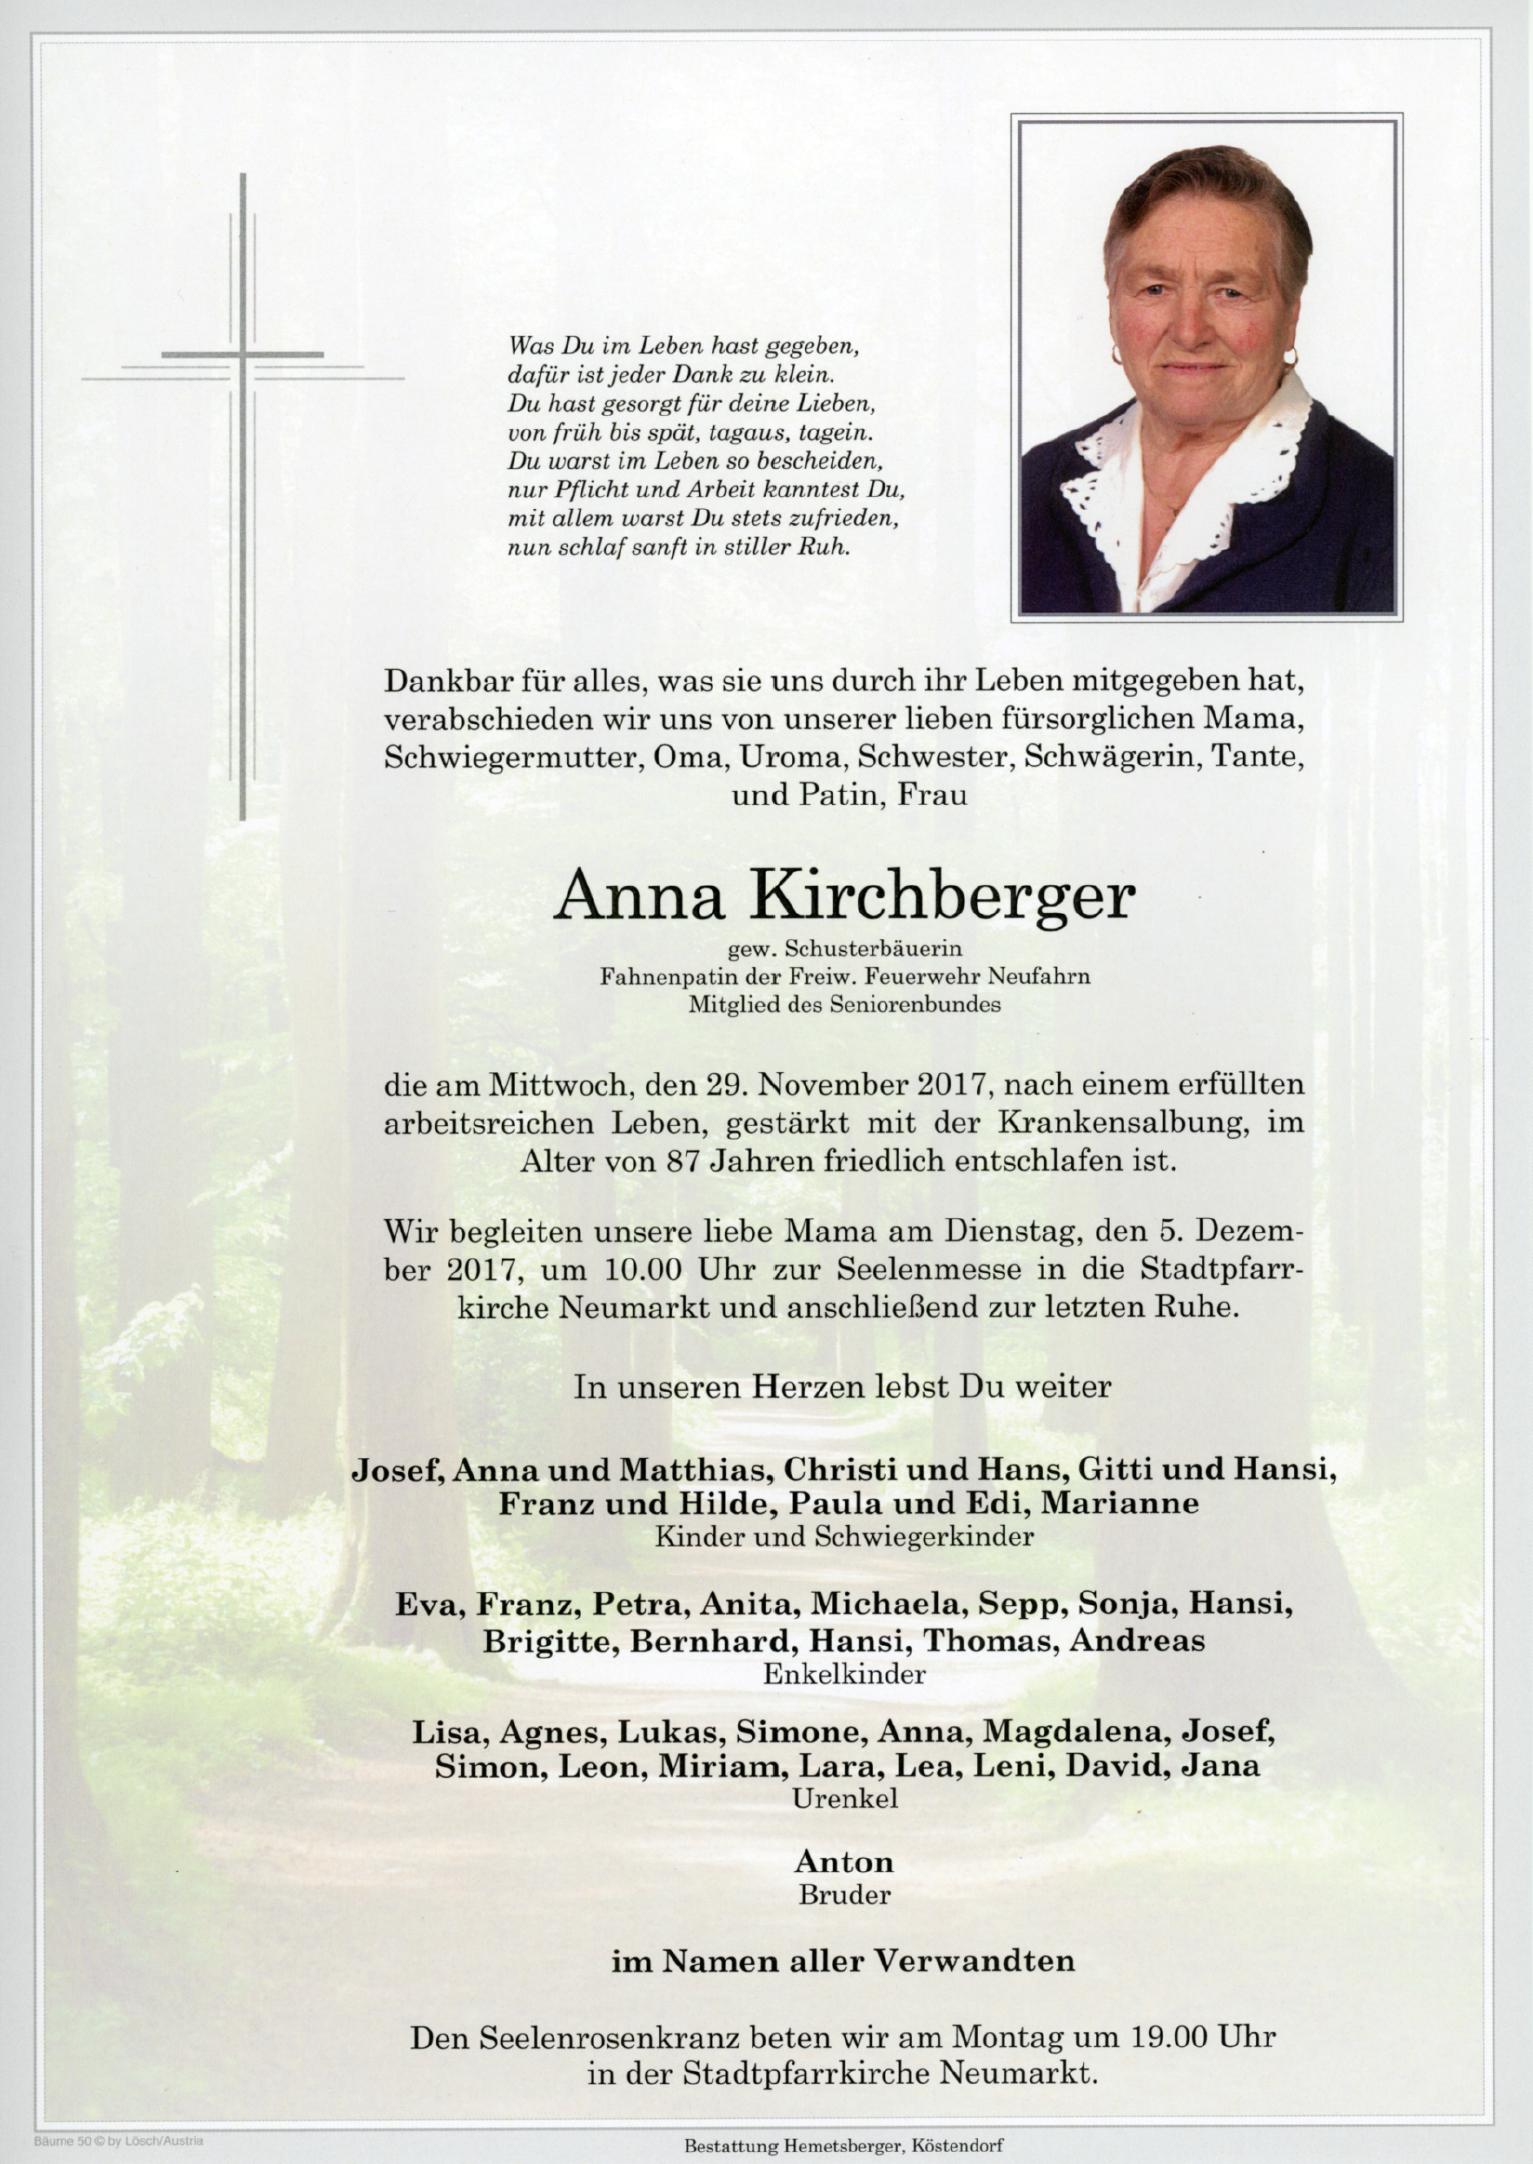 kirchberger parte